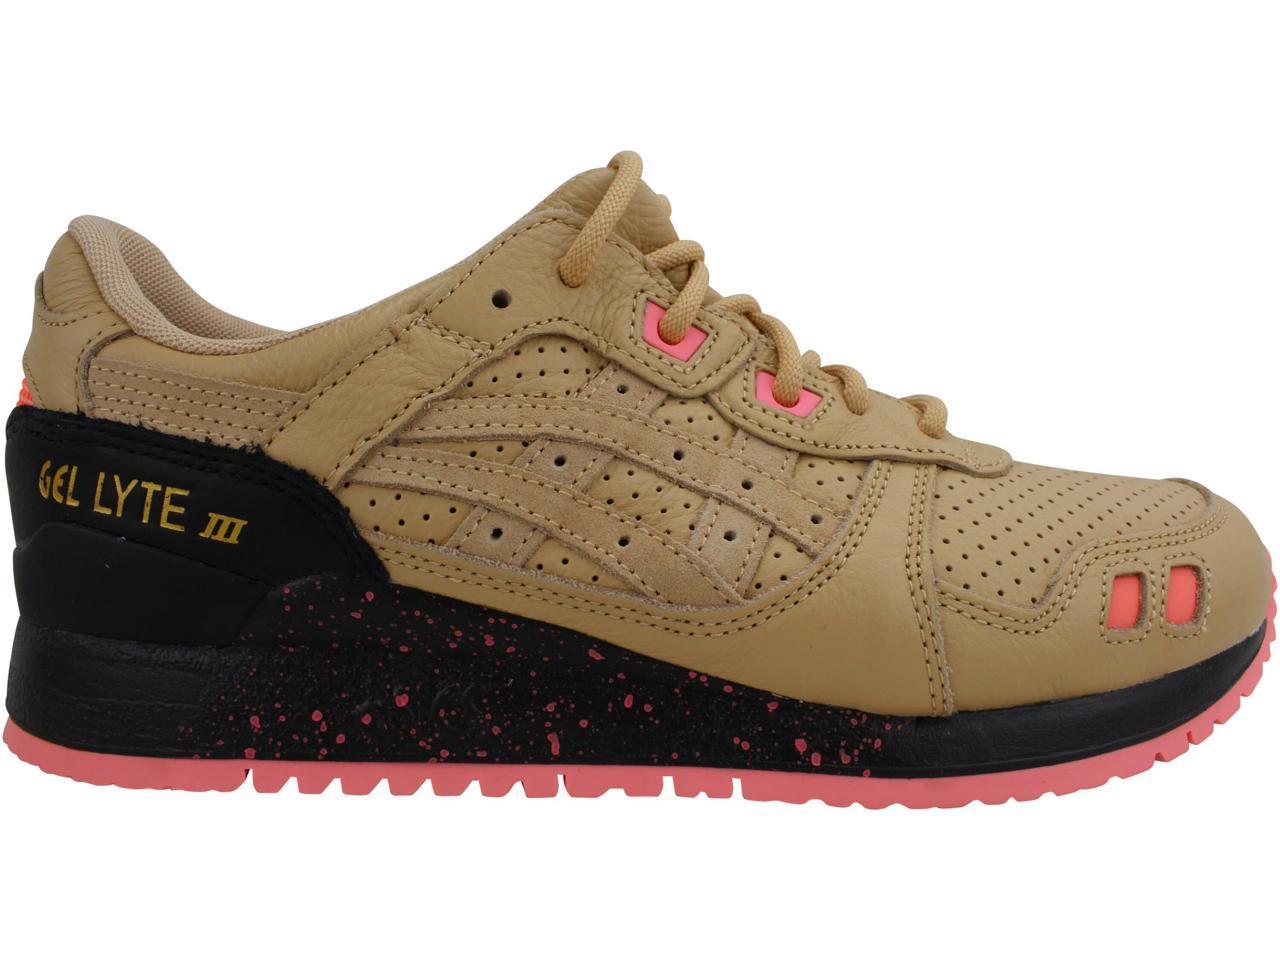 Asics Gel-Lyte III Beige/Pink Sneaker Freaker 'Tiger Snake' 1191A009-201 Men's Size 6.5 Medium